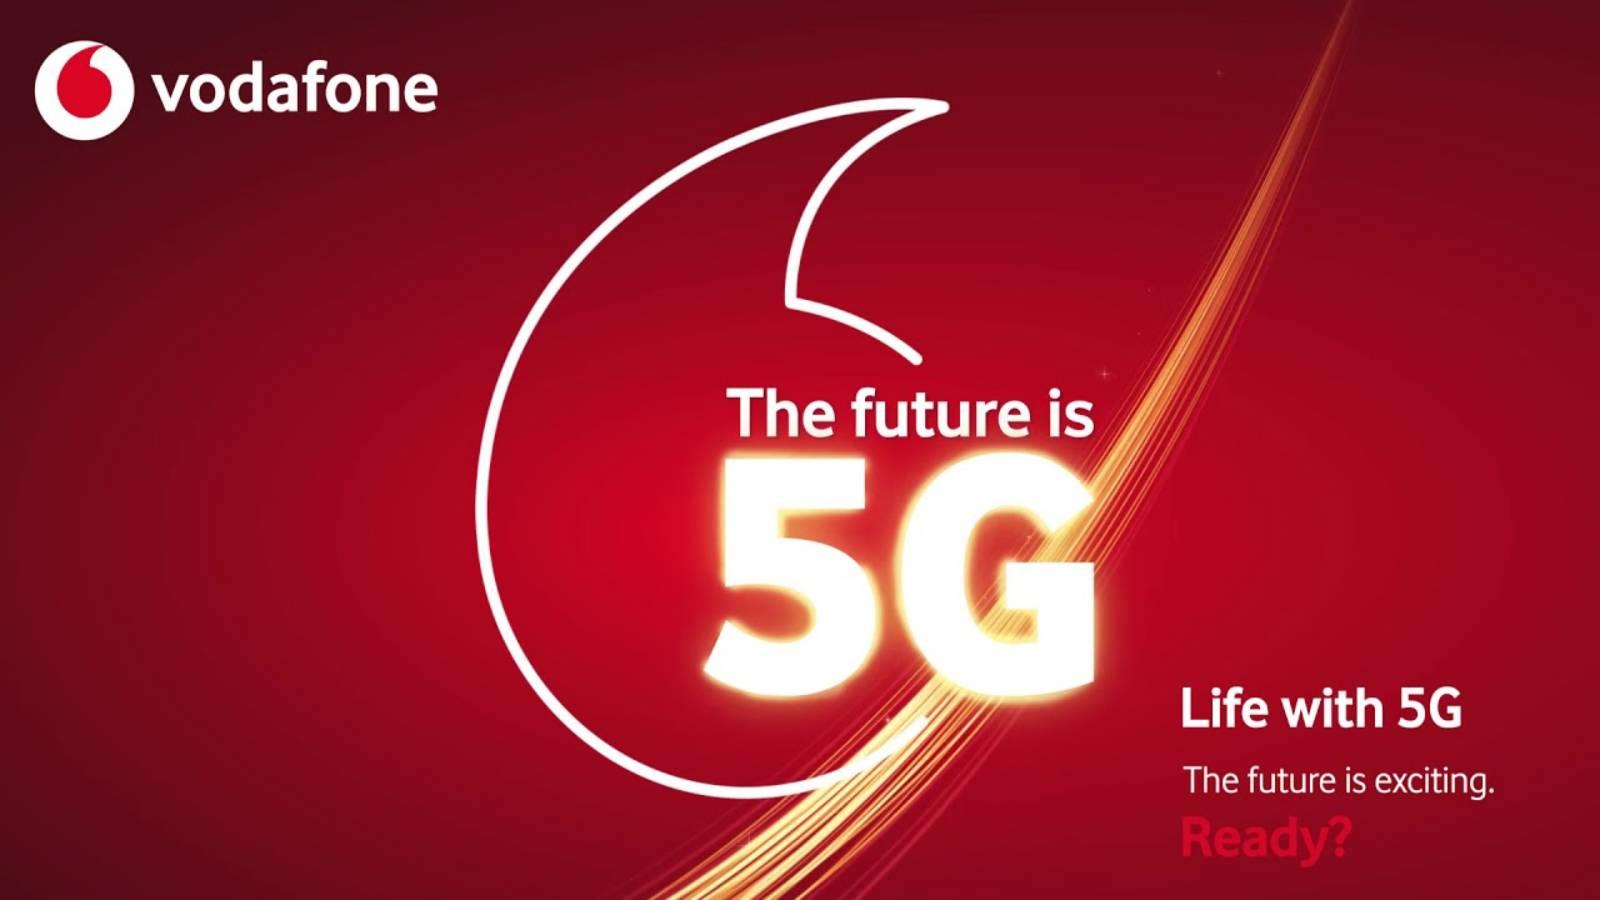 Vodafone problema 5g